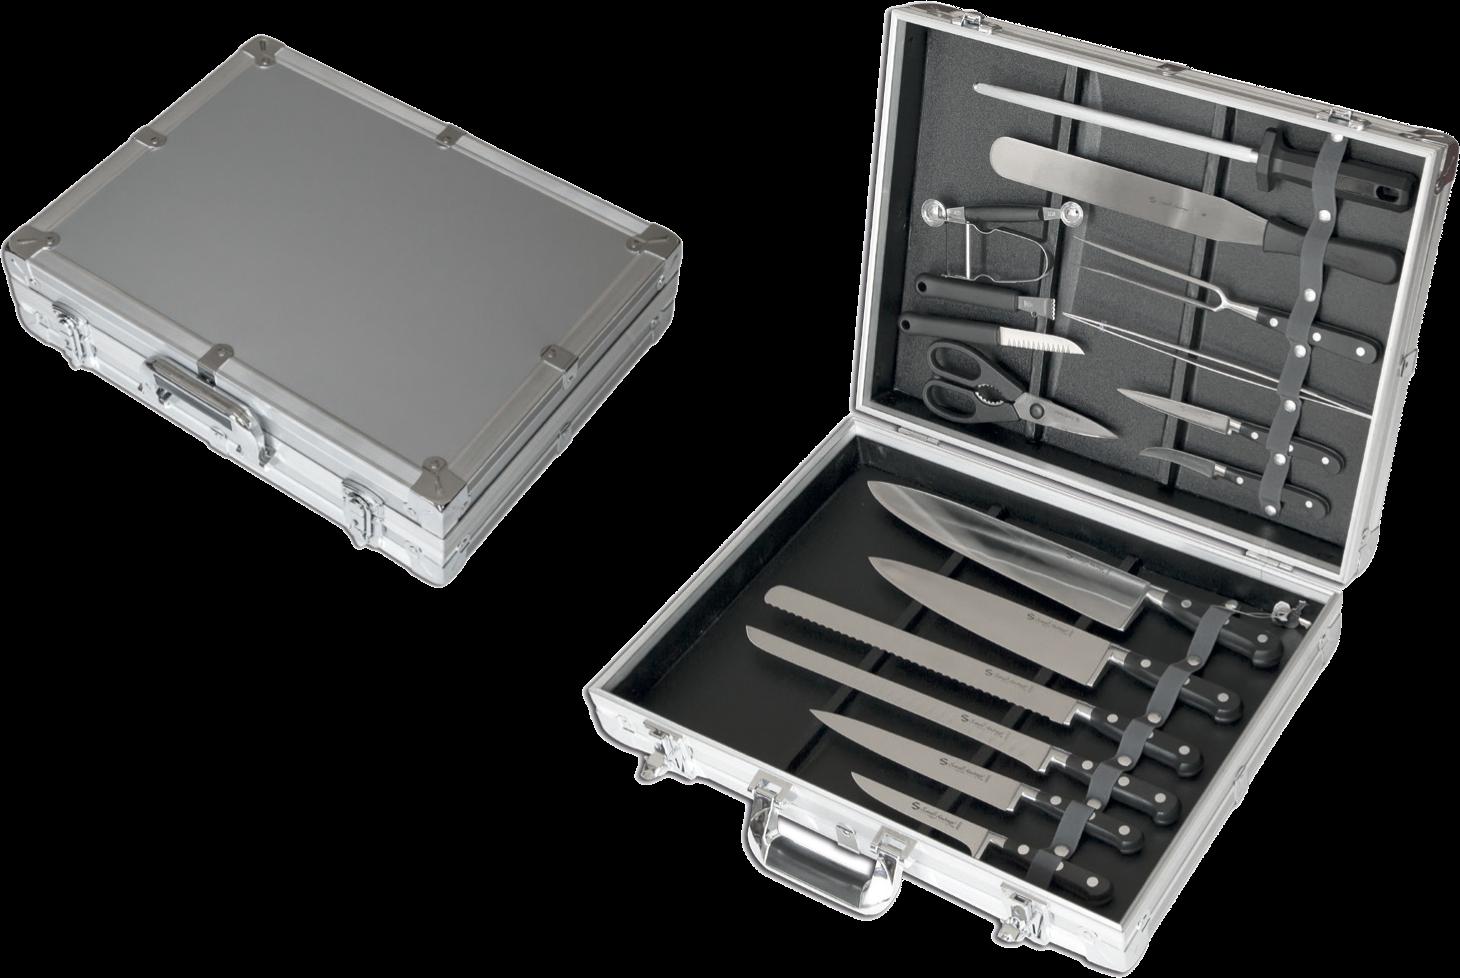 Valigia alluminio 17 pezzi, coltelli forgiati Chef